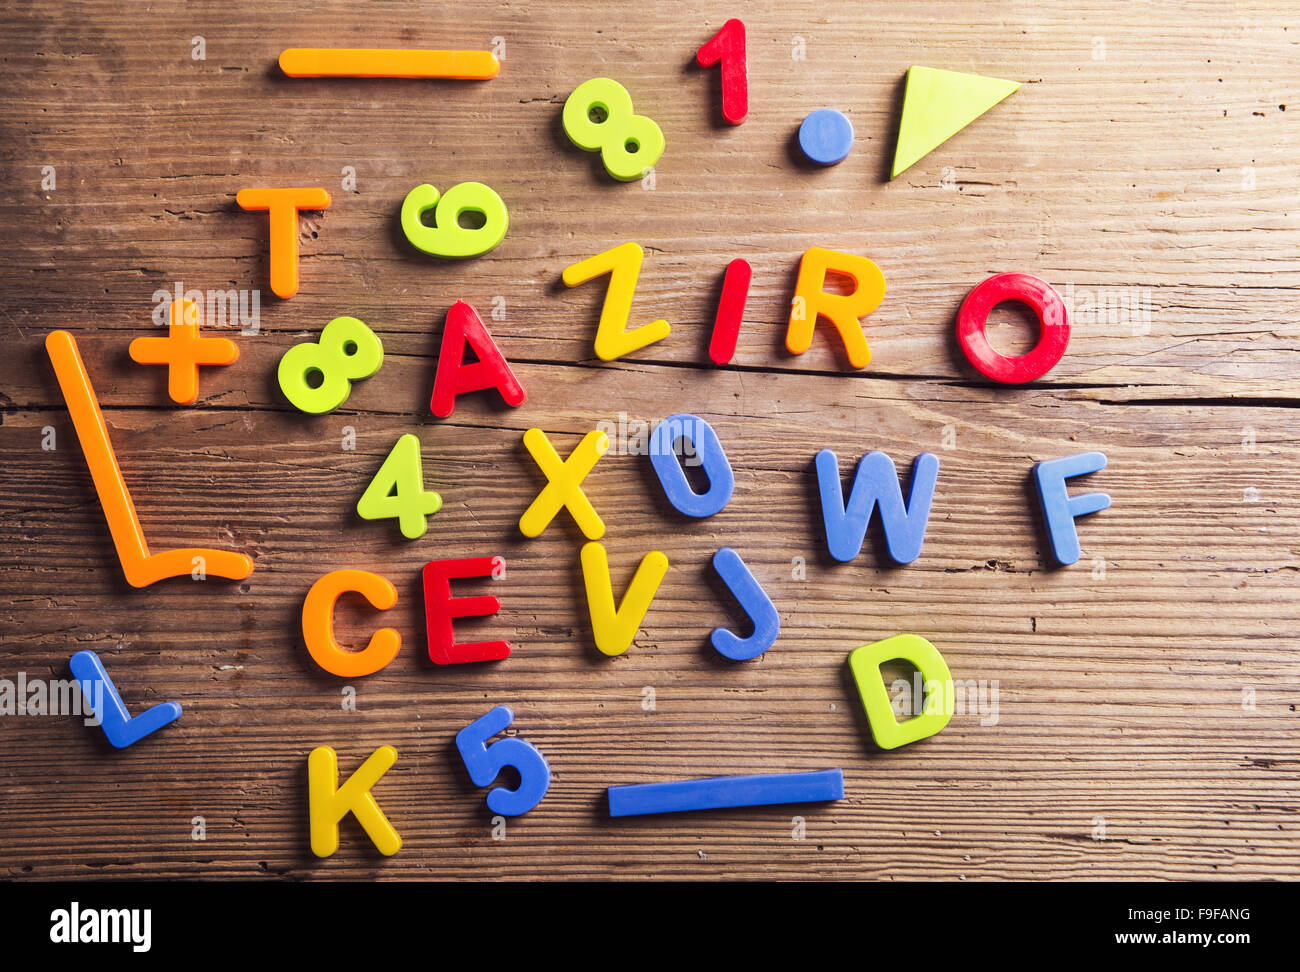 Lettere Di Legno Colorate : In plastica colorata lettere e numeri di cui su sfondo di legno